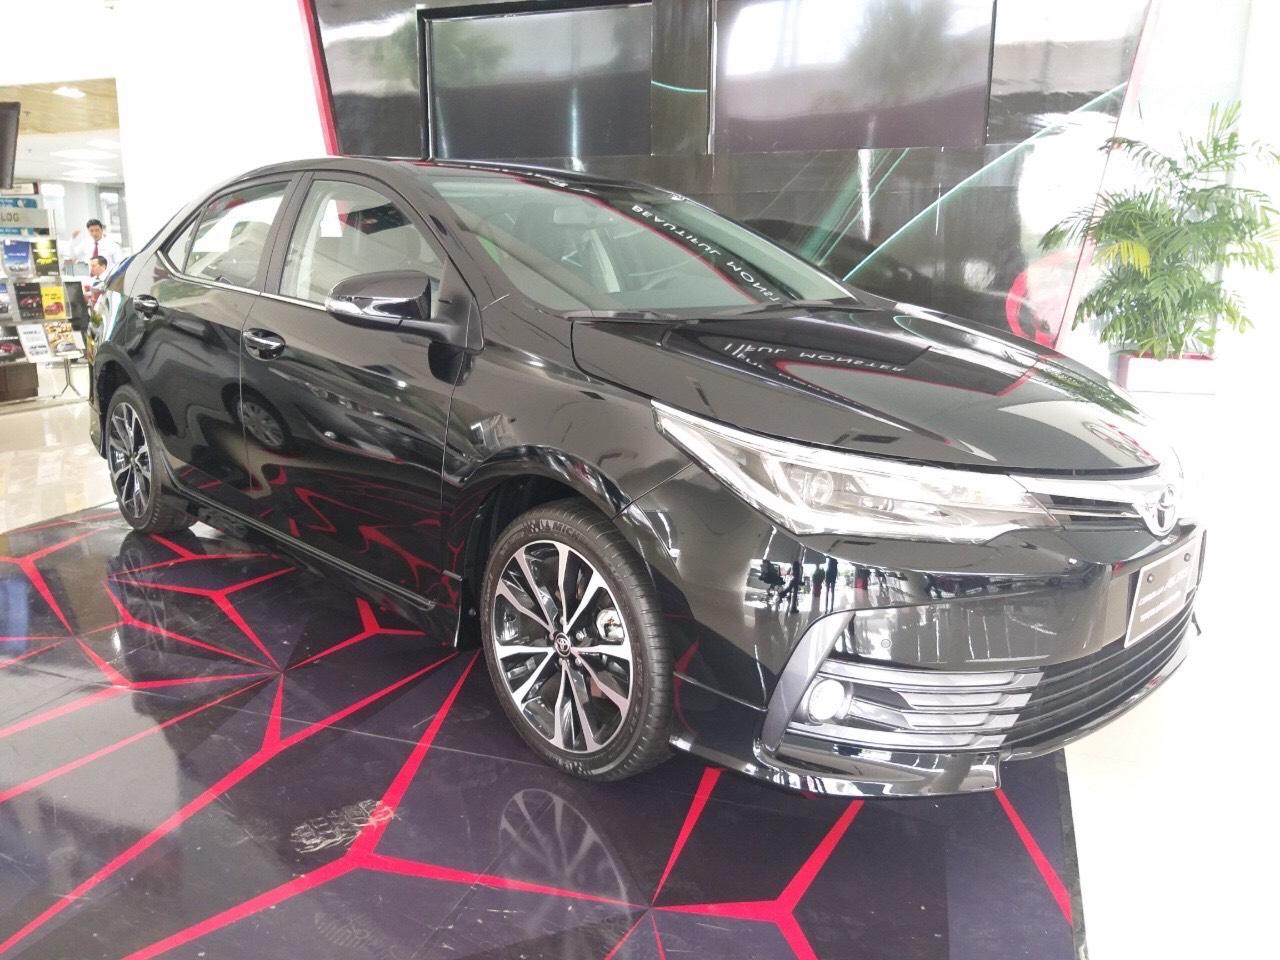 Bán ô tô mới Toyota Corolla Altis 1.8E MT đời 2019, màu đen, giá chỉ 637 triệu